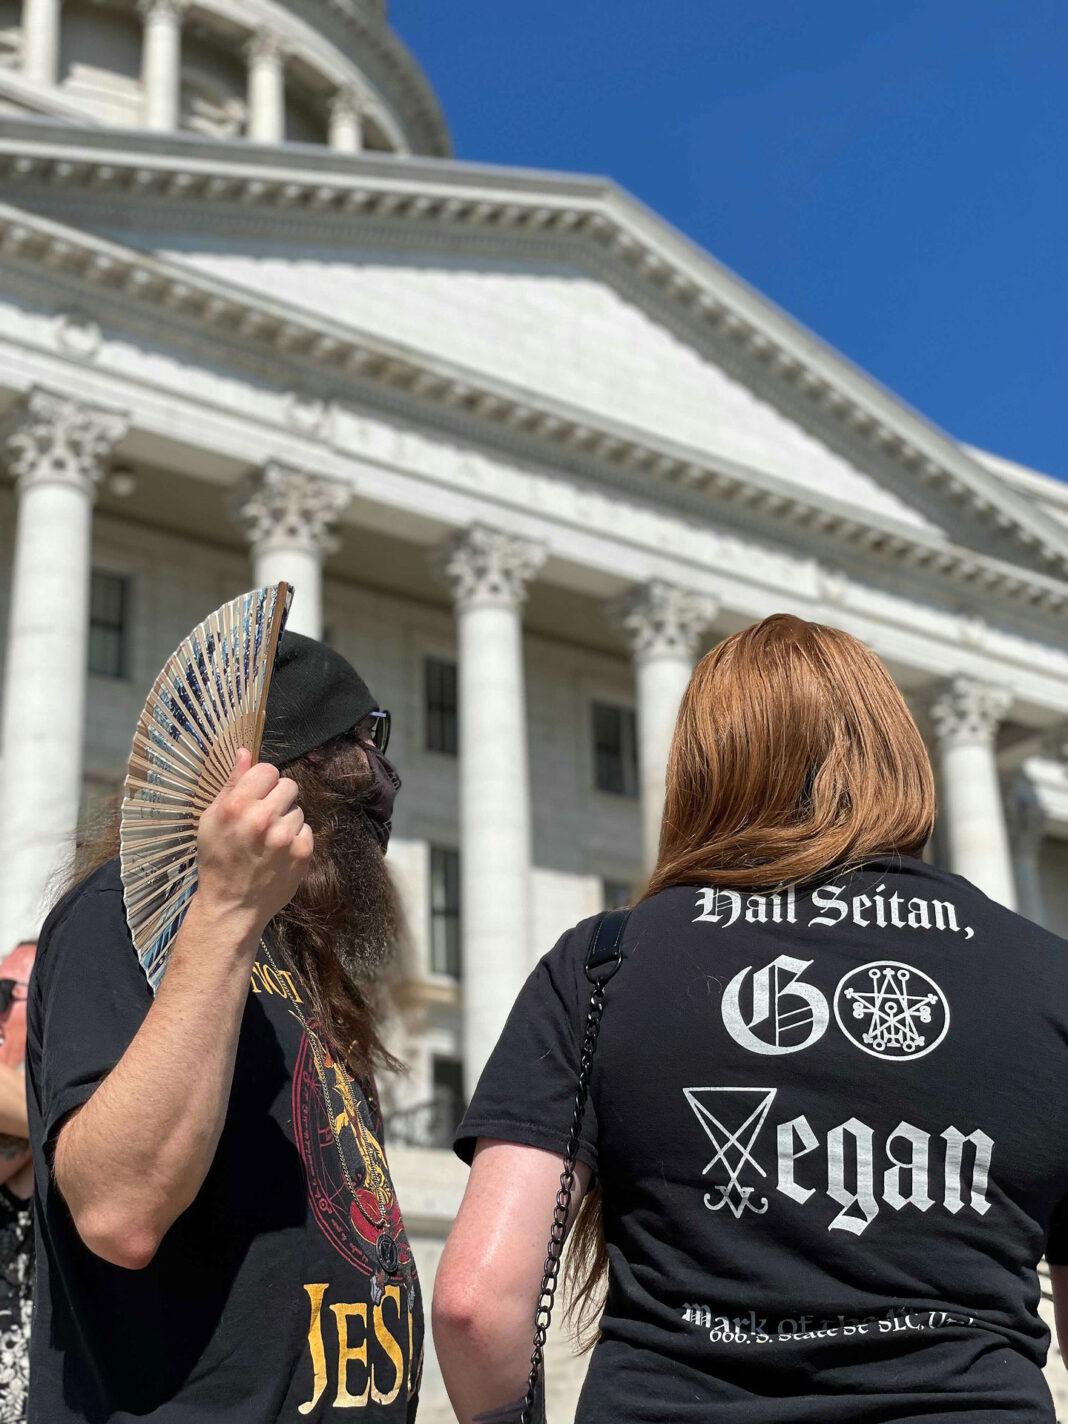 """Protester wears a shirt that reads """"Hail Seitan, Go Vegan"""""""